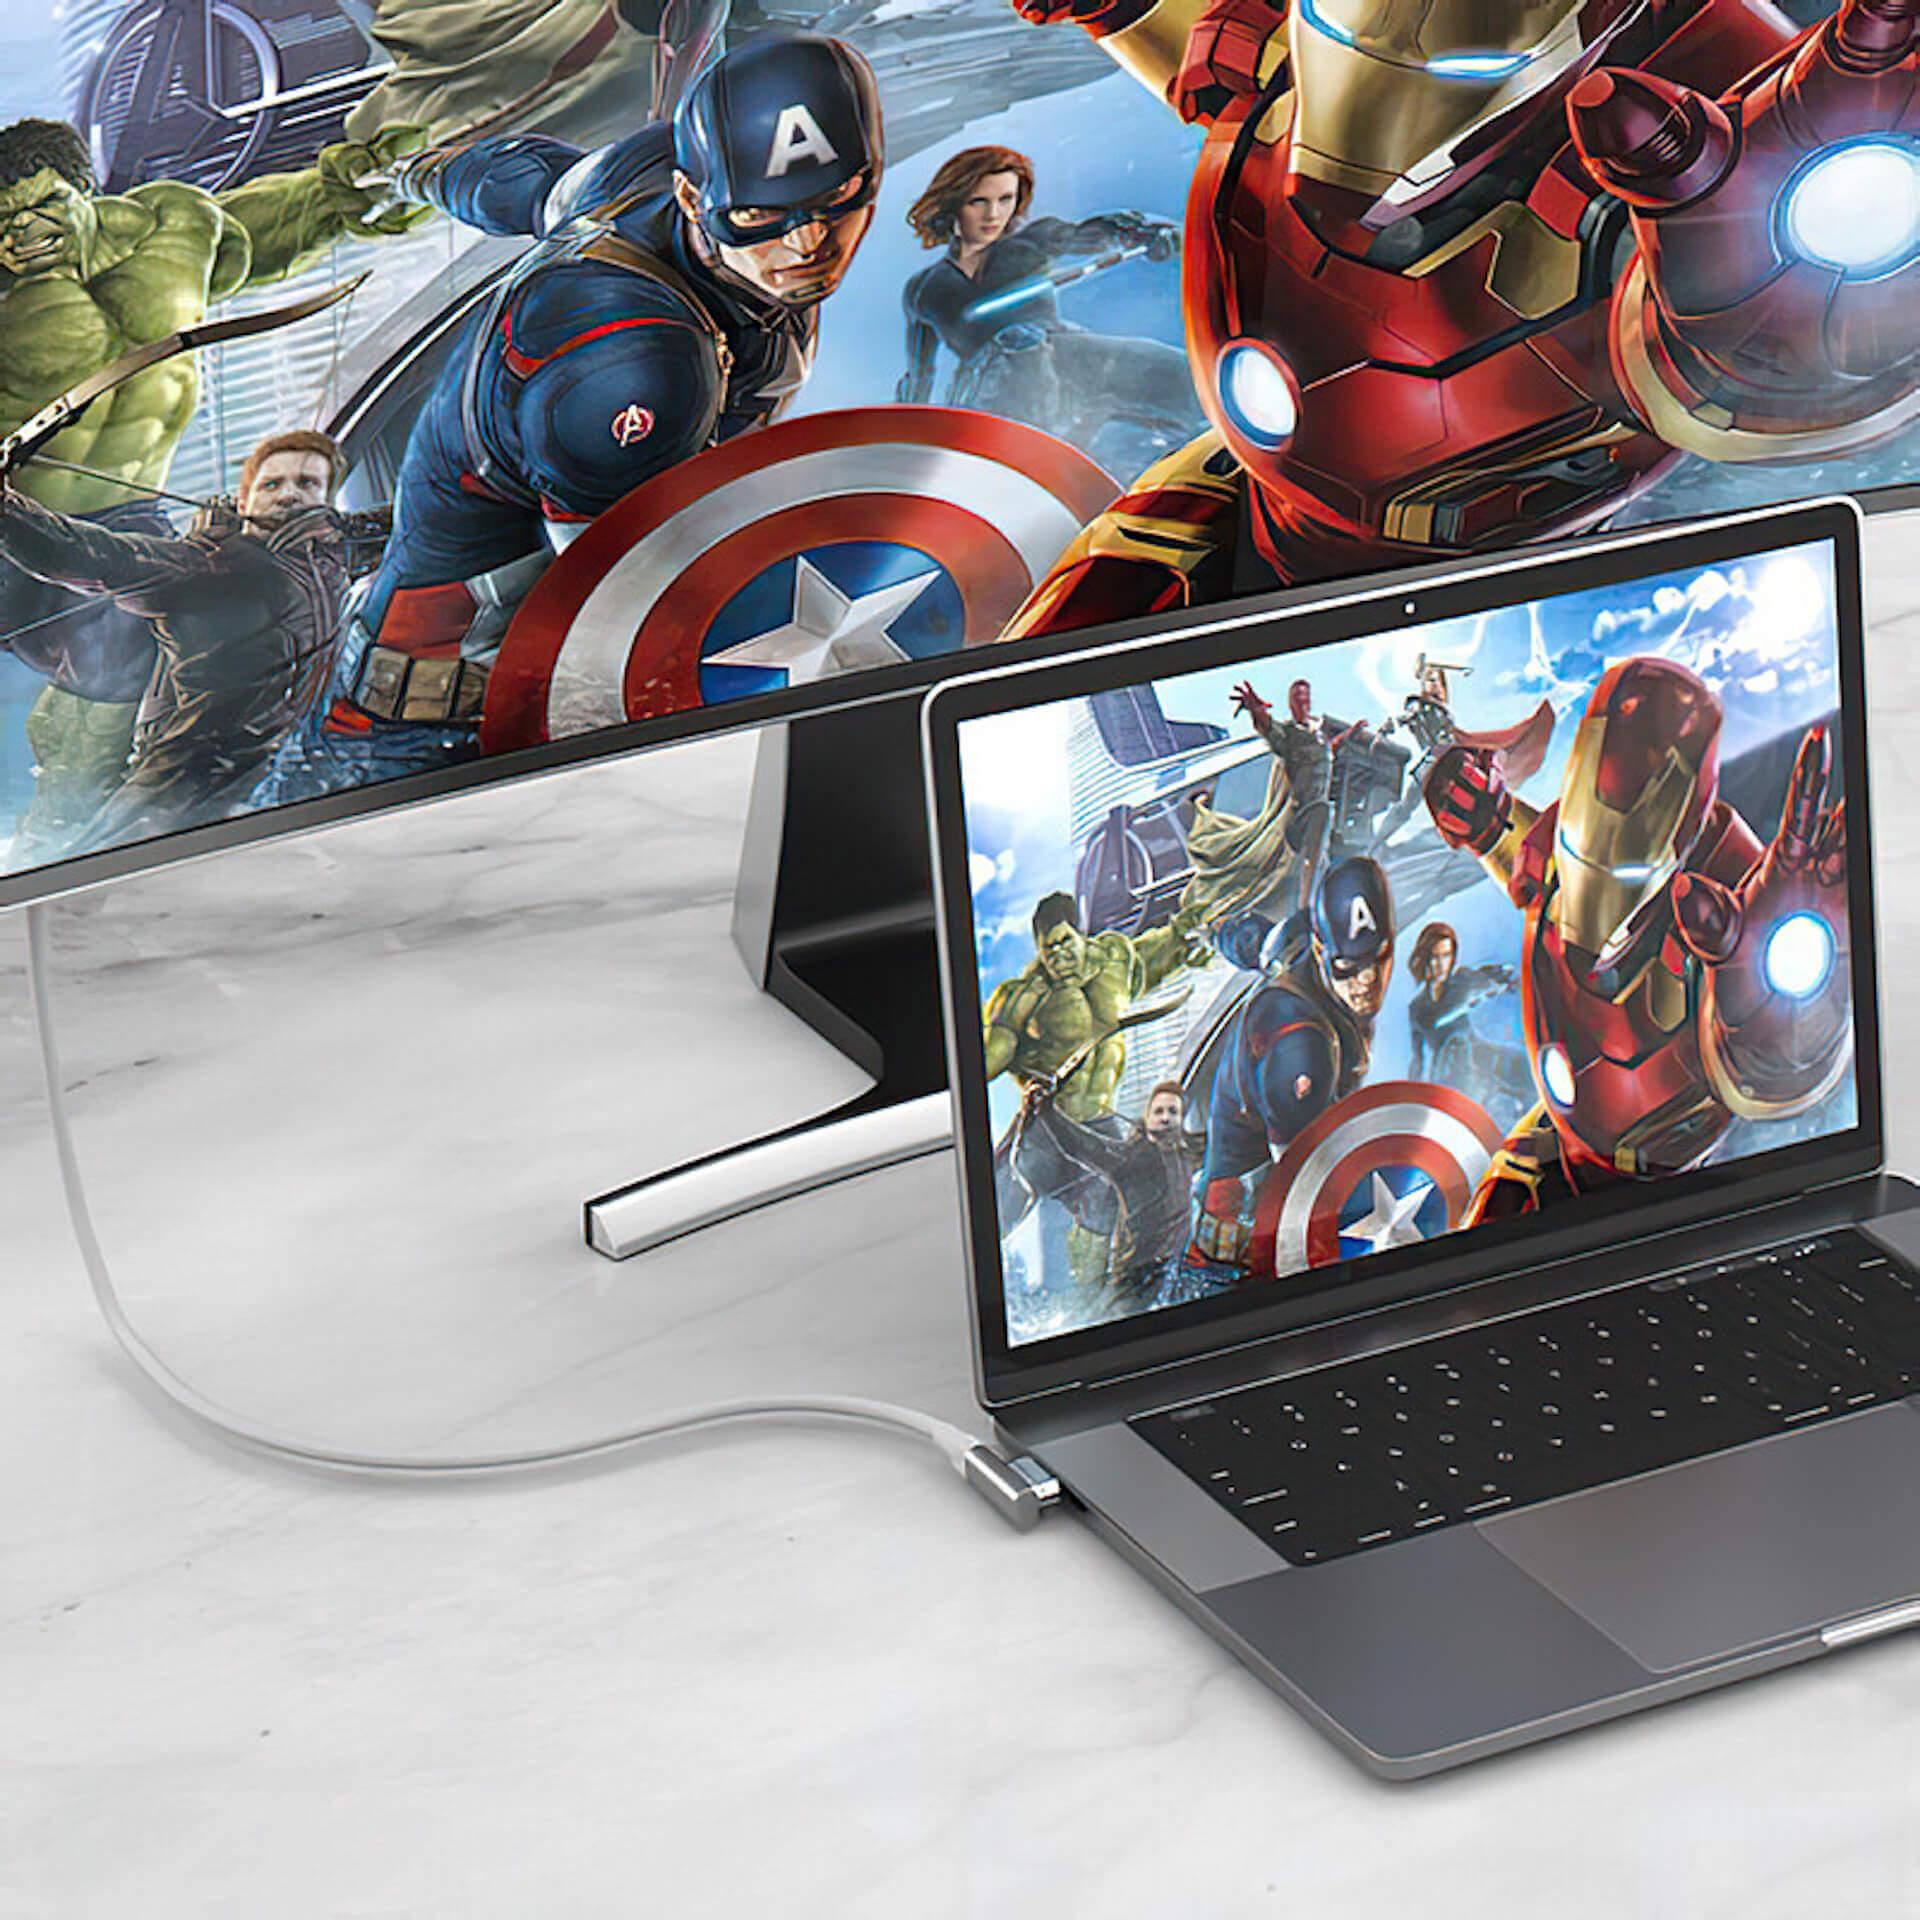 USB-Cのコネクタ同士をマグネットで引き寄せる!「HBLINK Magnet USB-C ケーブル」がGLOTURE.JPに登場 tech200625_usbc_cable_1